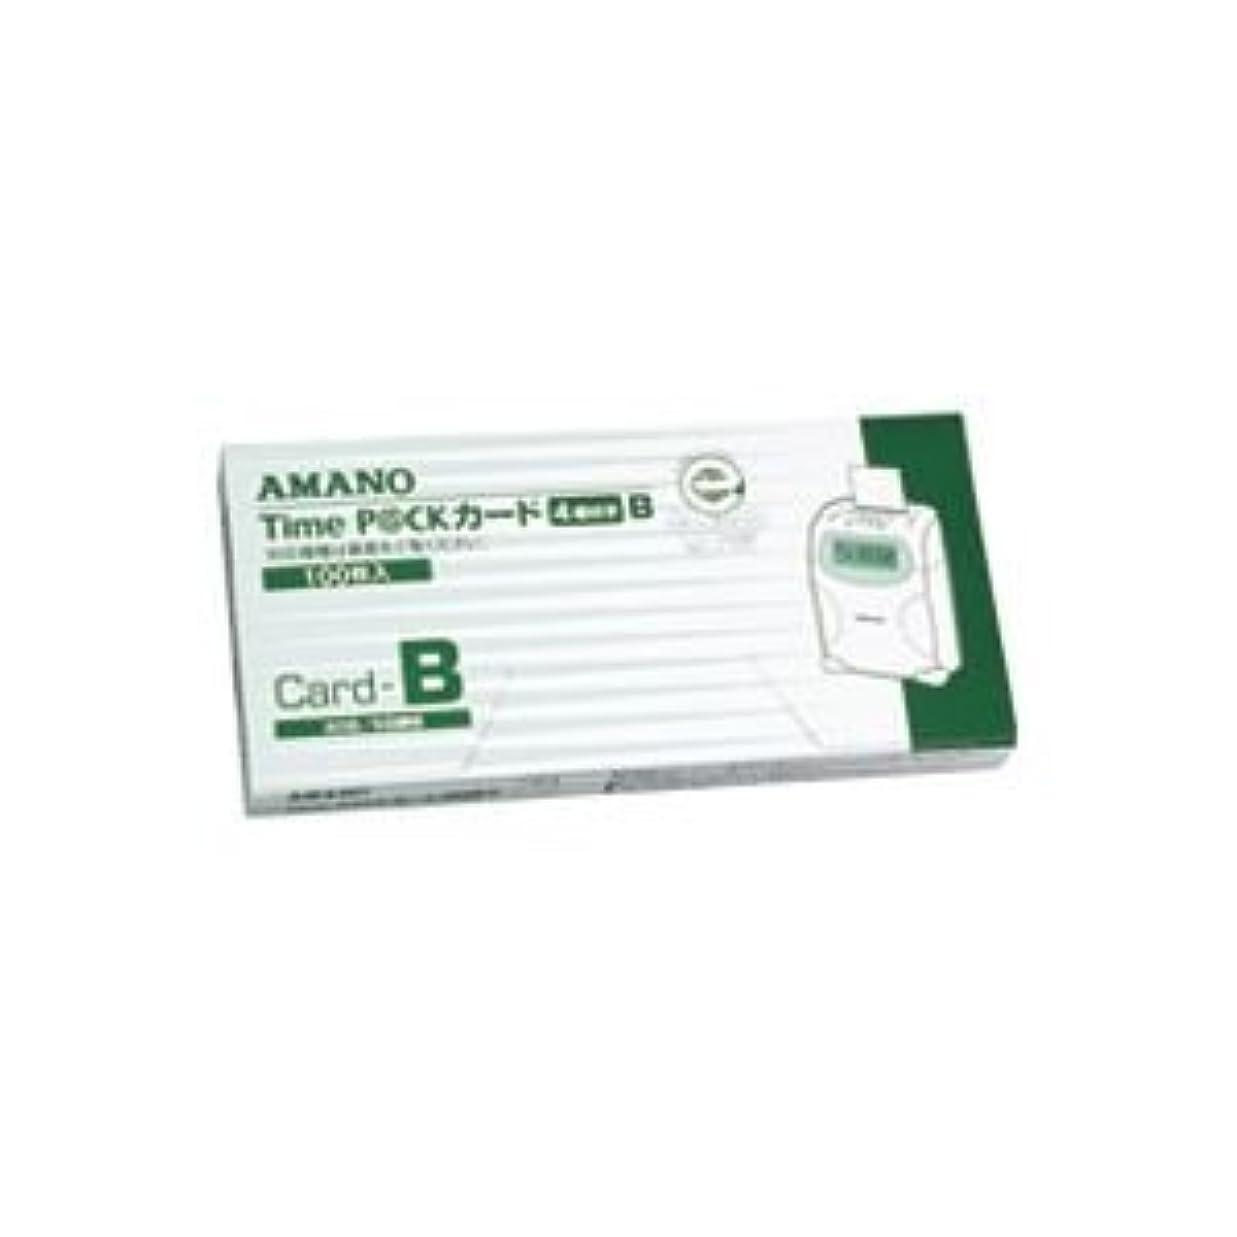 繊毛生き物干渉する(業務用30セット) アマノ タイムパックカード(4欄印字)B ds-1733064